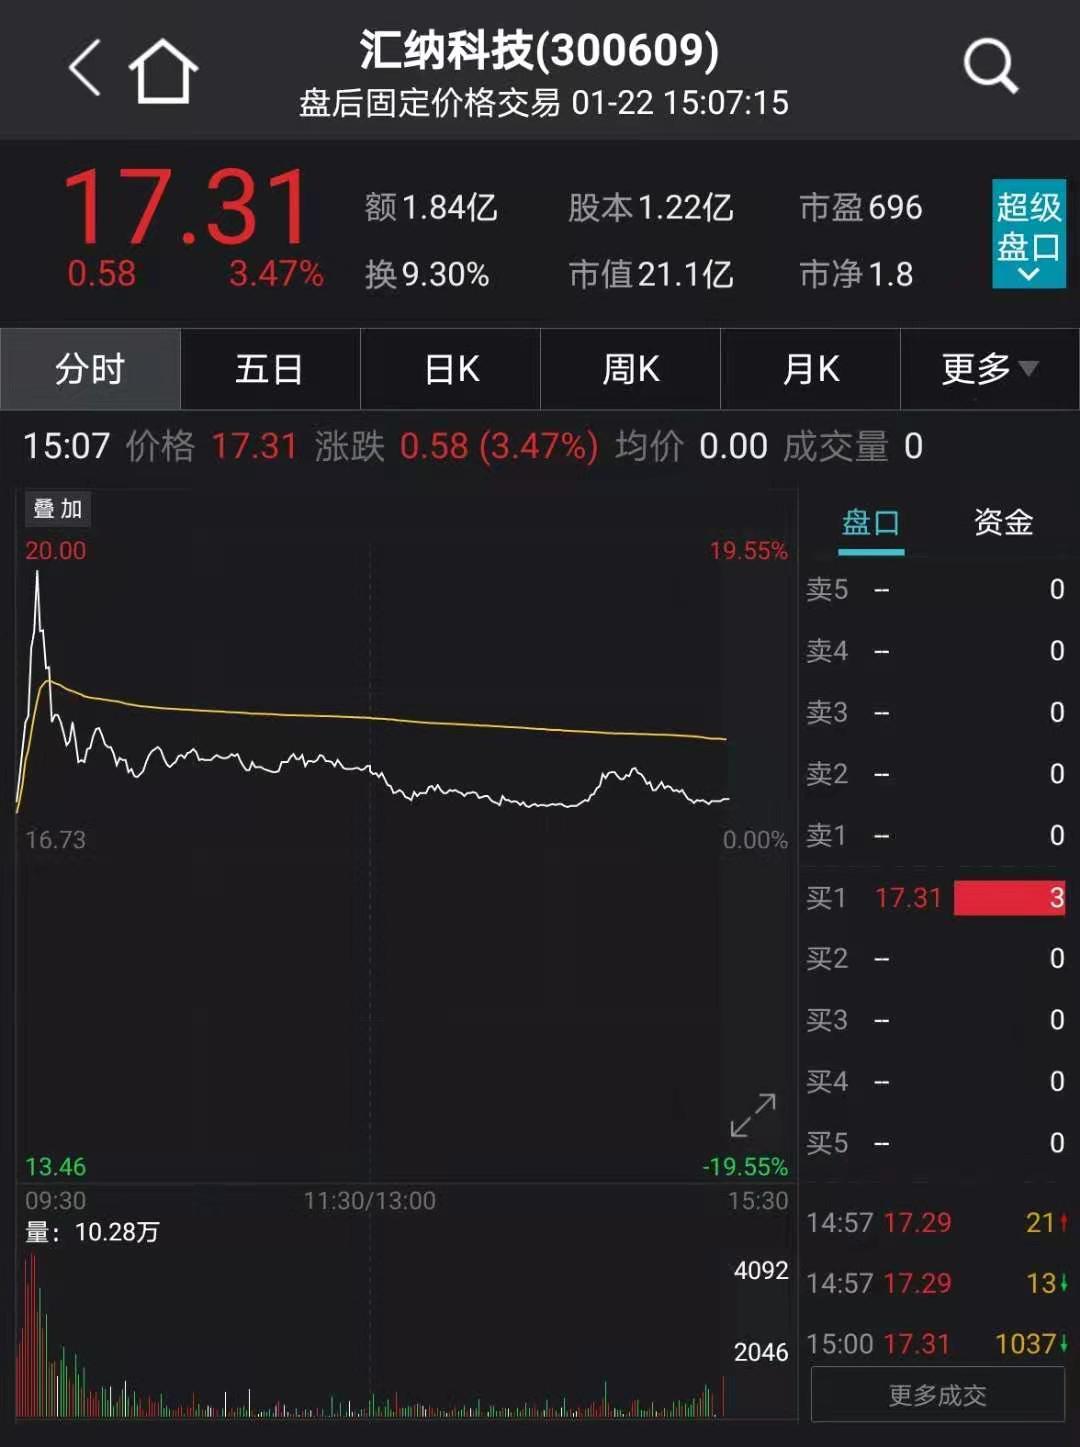 因涉嫌行贿罪:汇纳科技实控人兼董事长取保候审 股价早盘狂拉17%